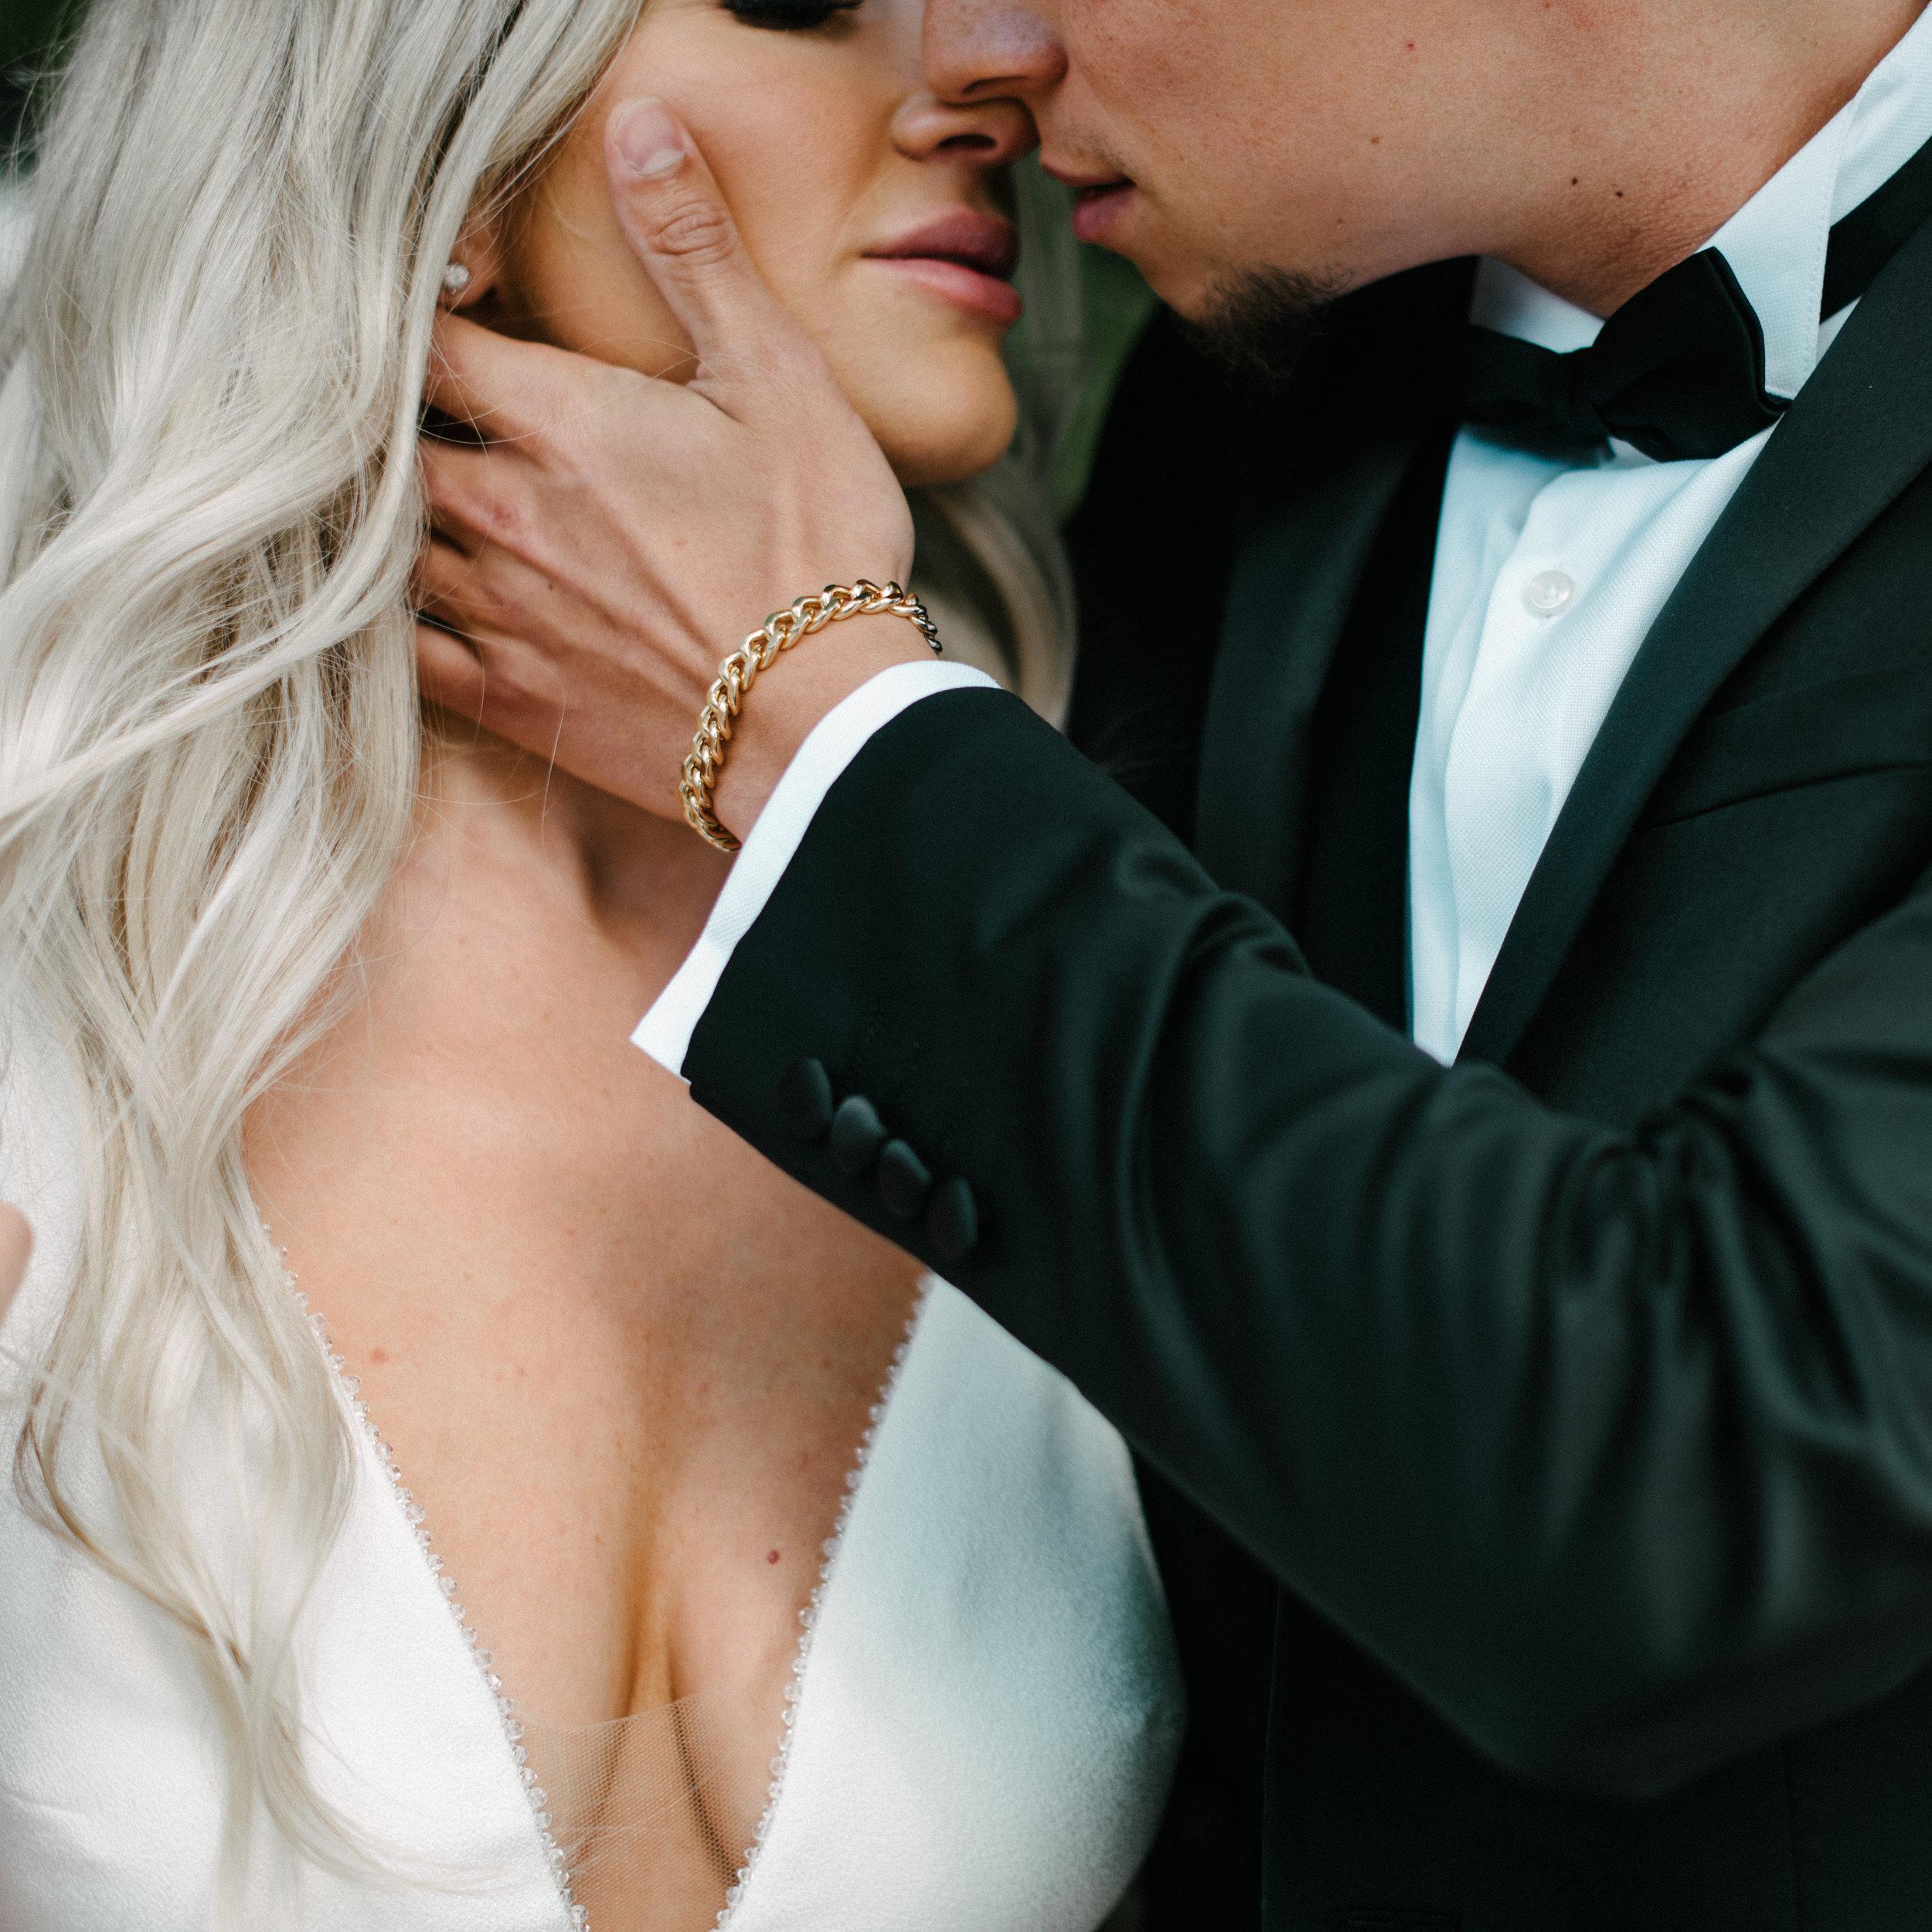 romantic bride and groom.jpg